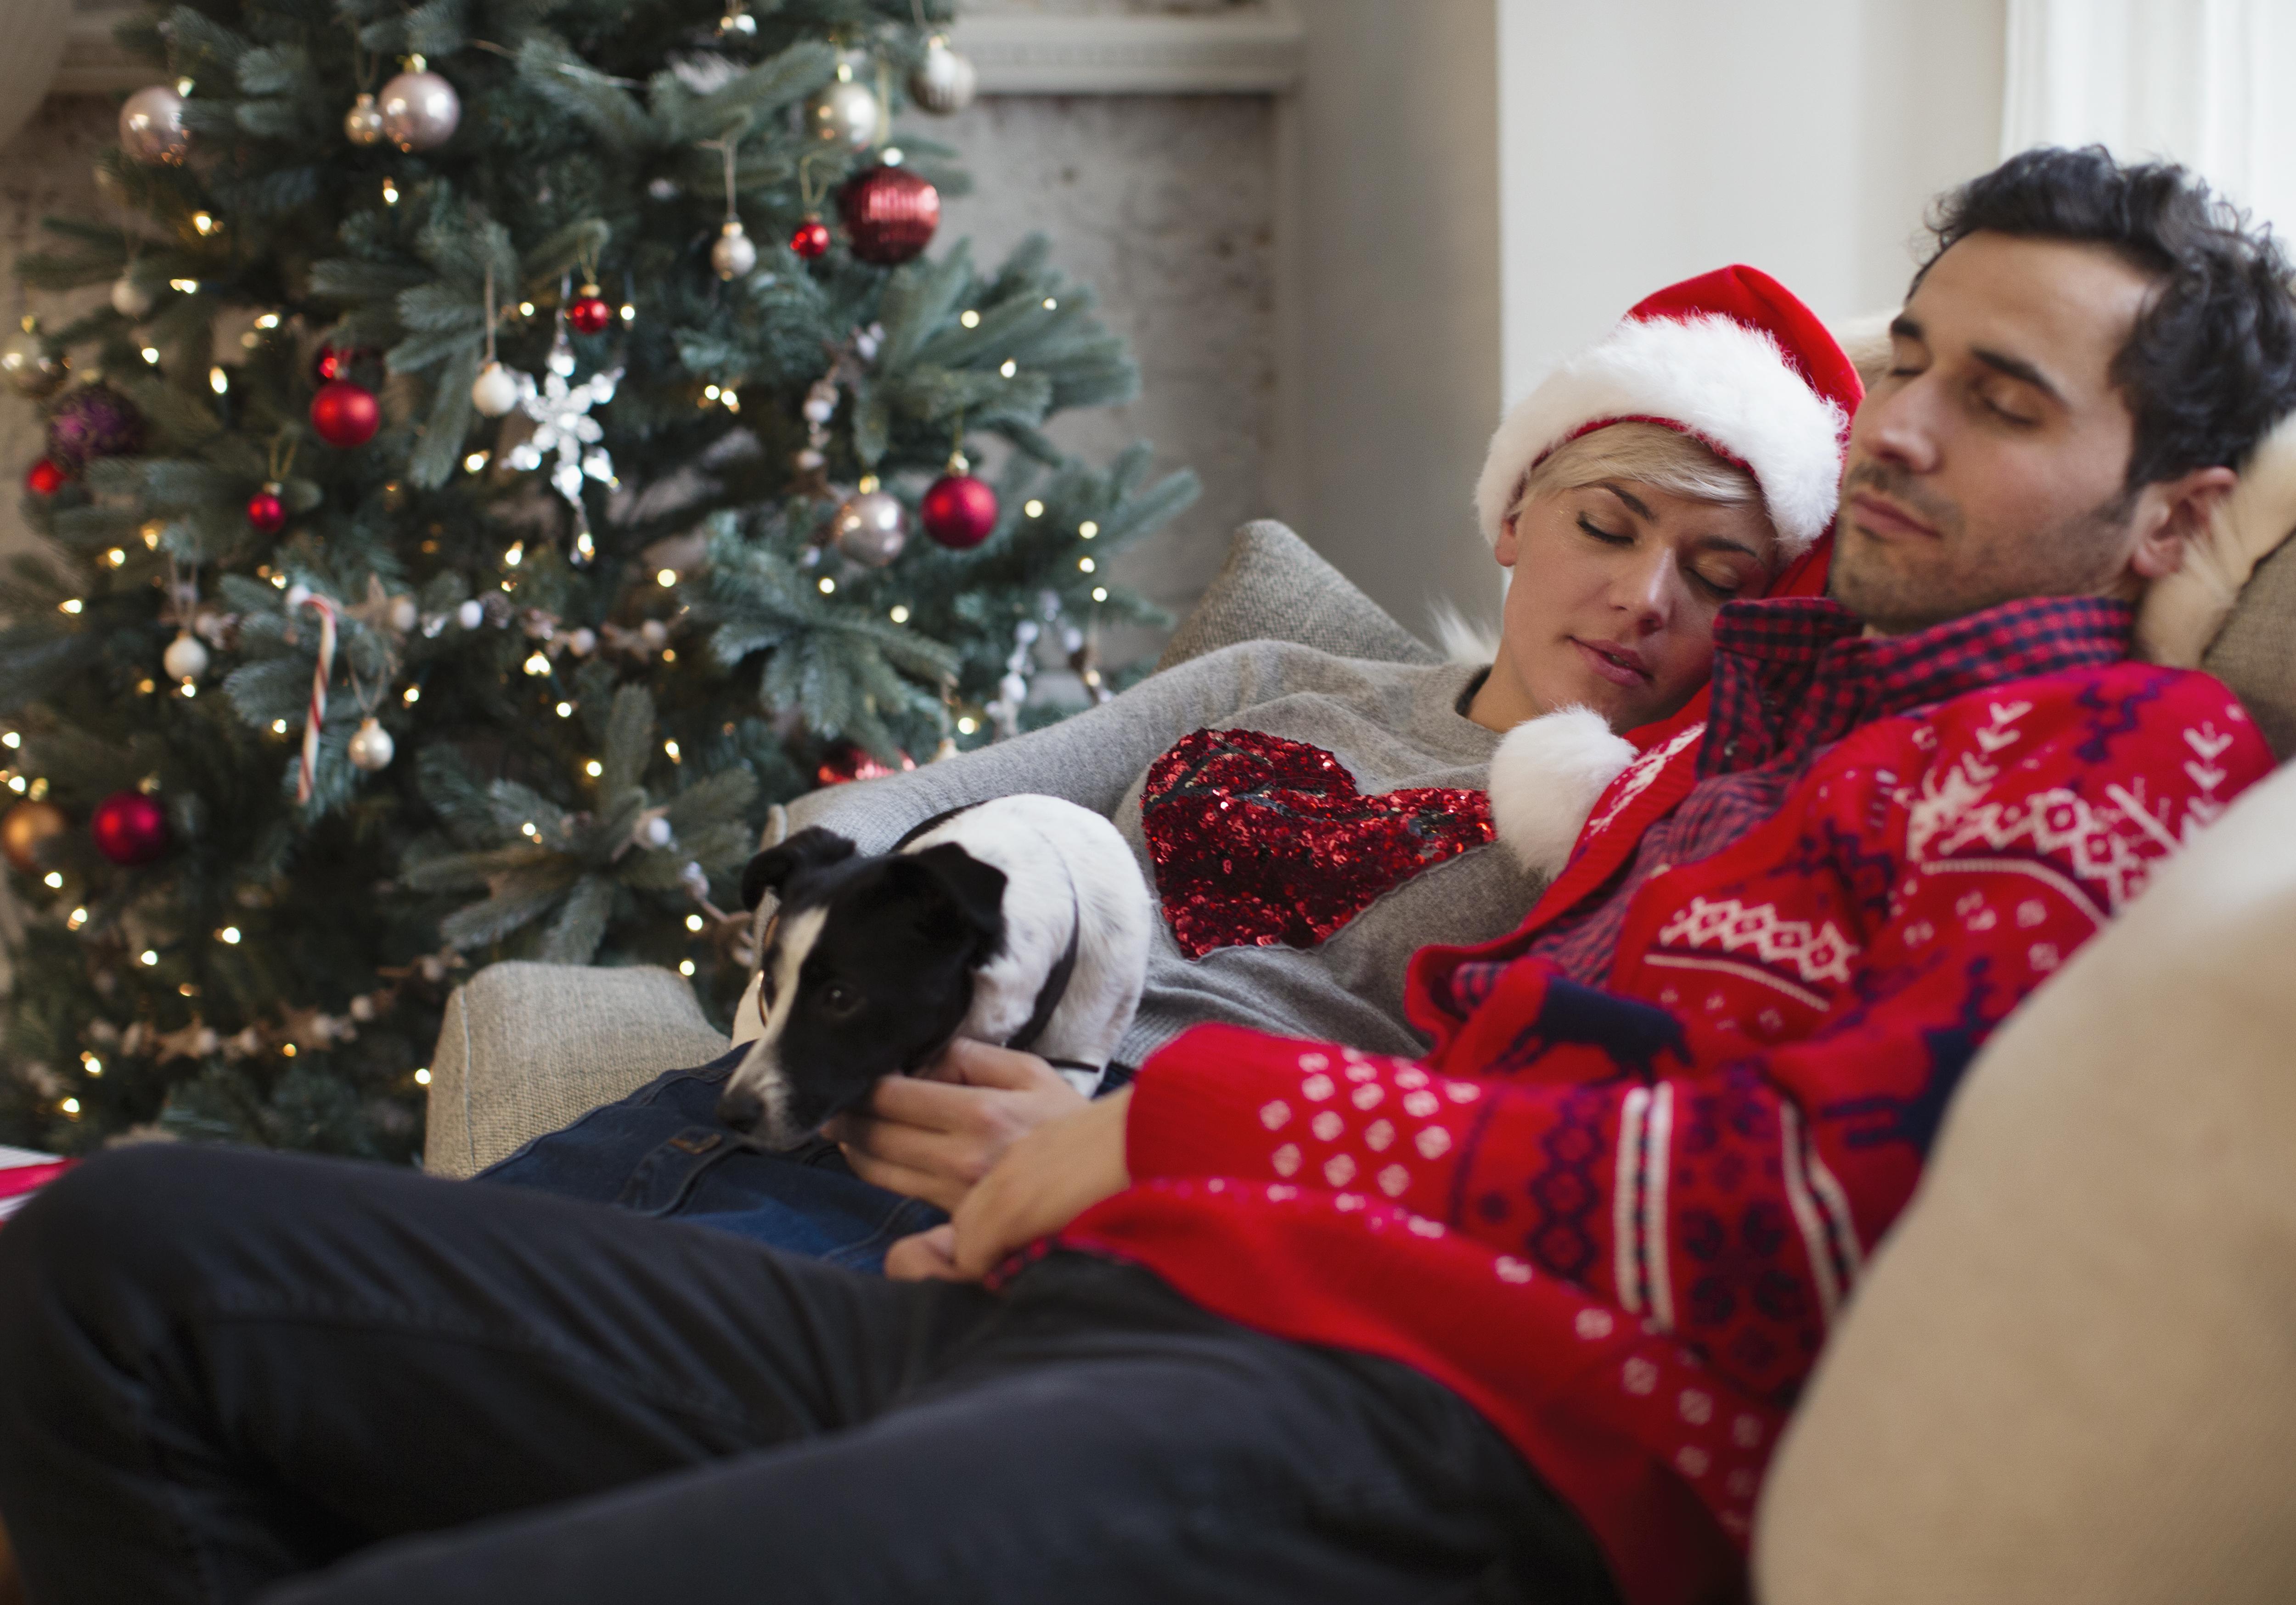 Christmas tired